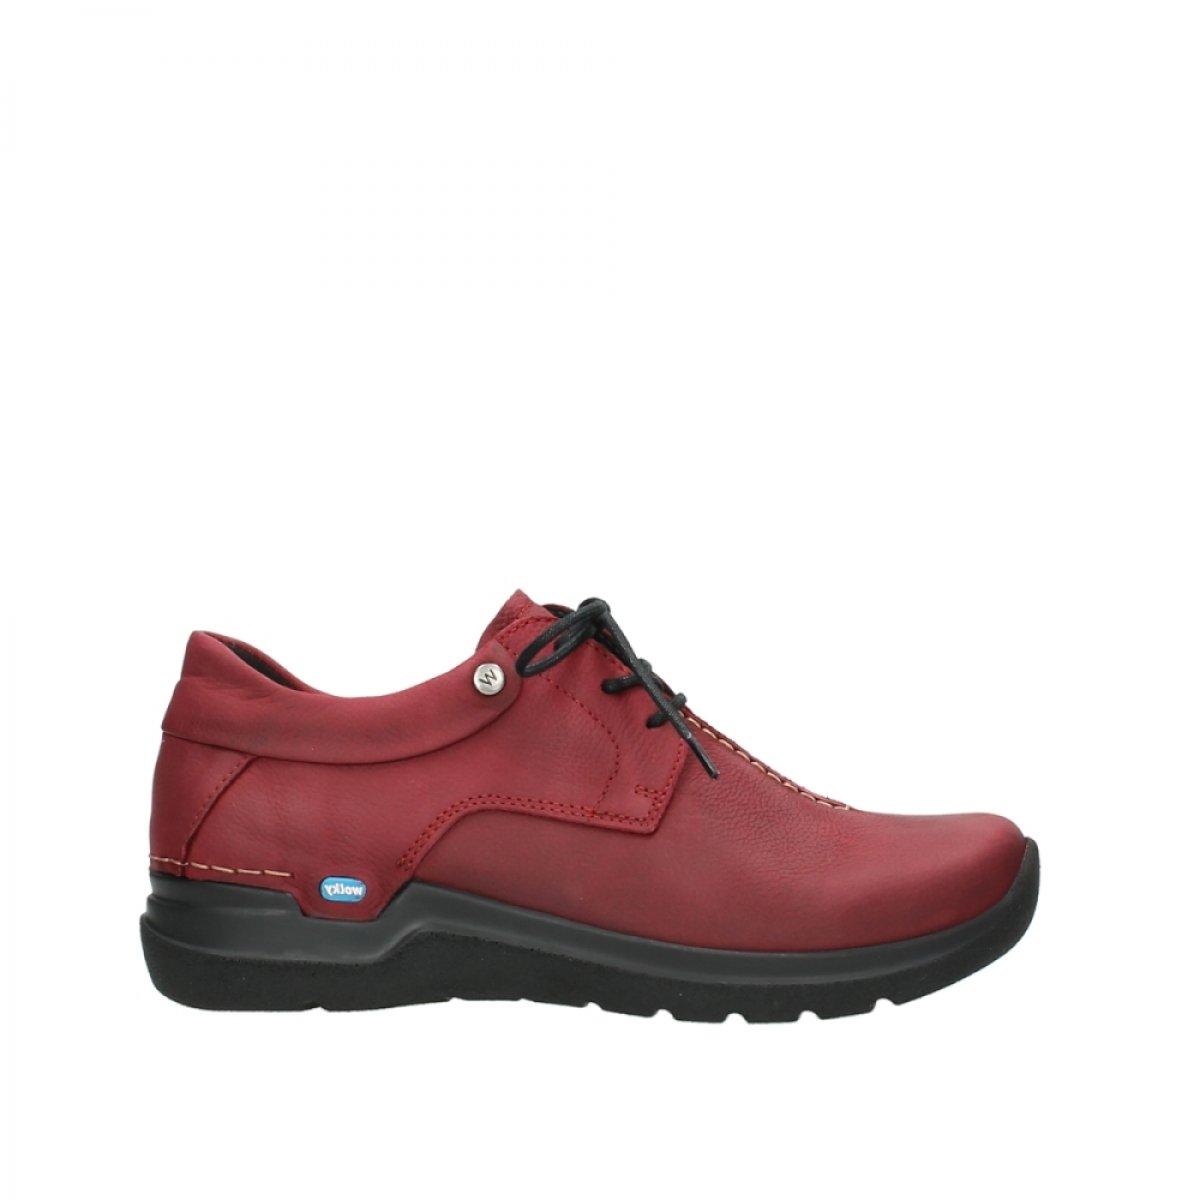 Wolky - Zapatos de Cordones para Mujer 37 EU|11530 Bordeaux Nubukleder